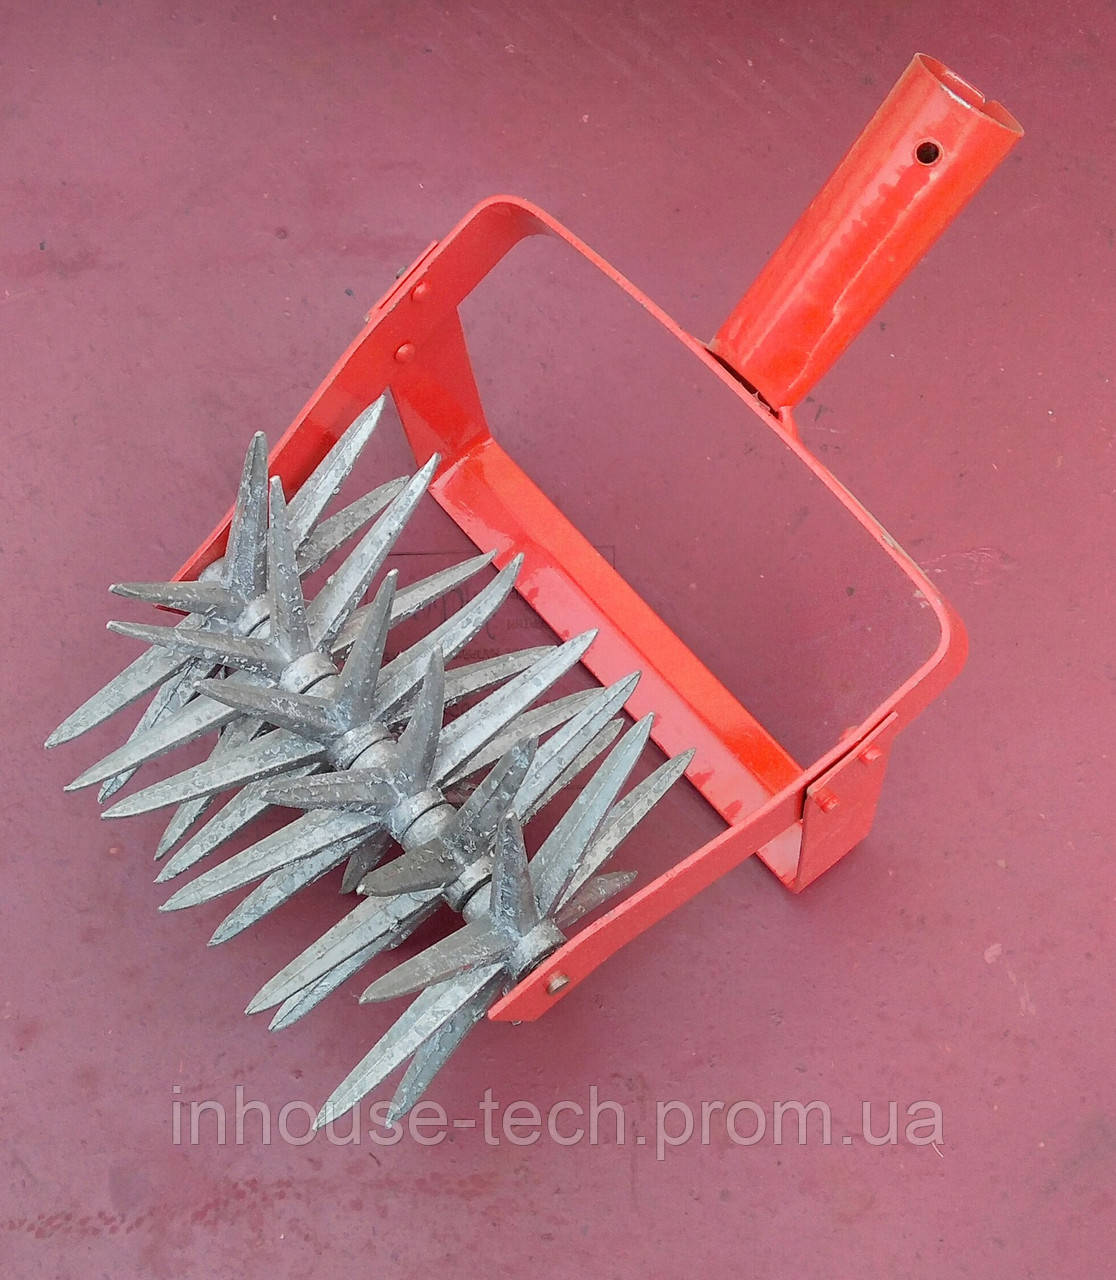 торнадо лопата от производителя купить